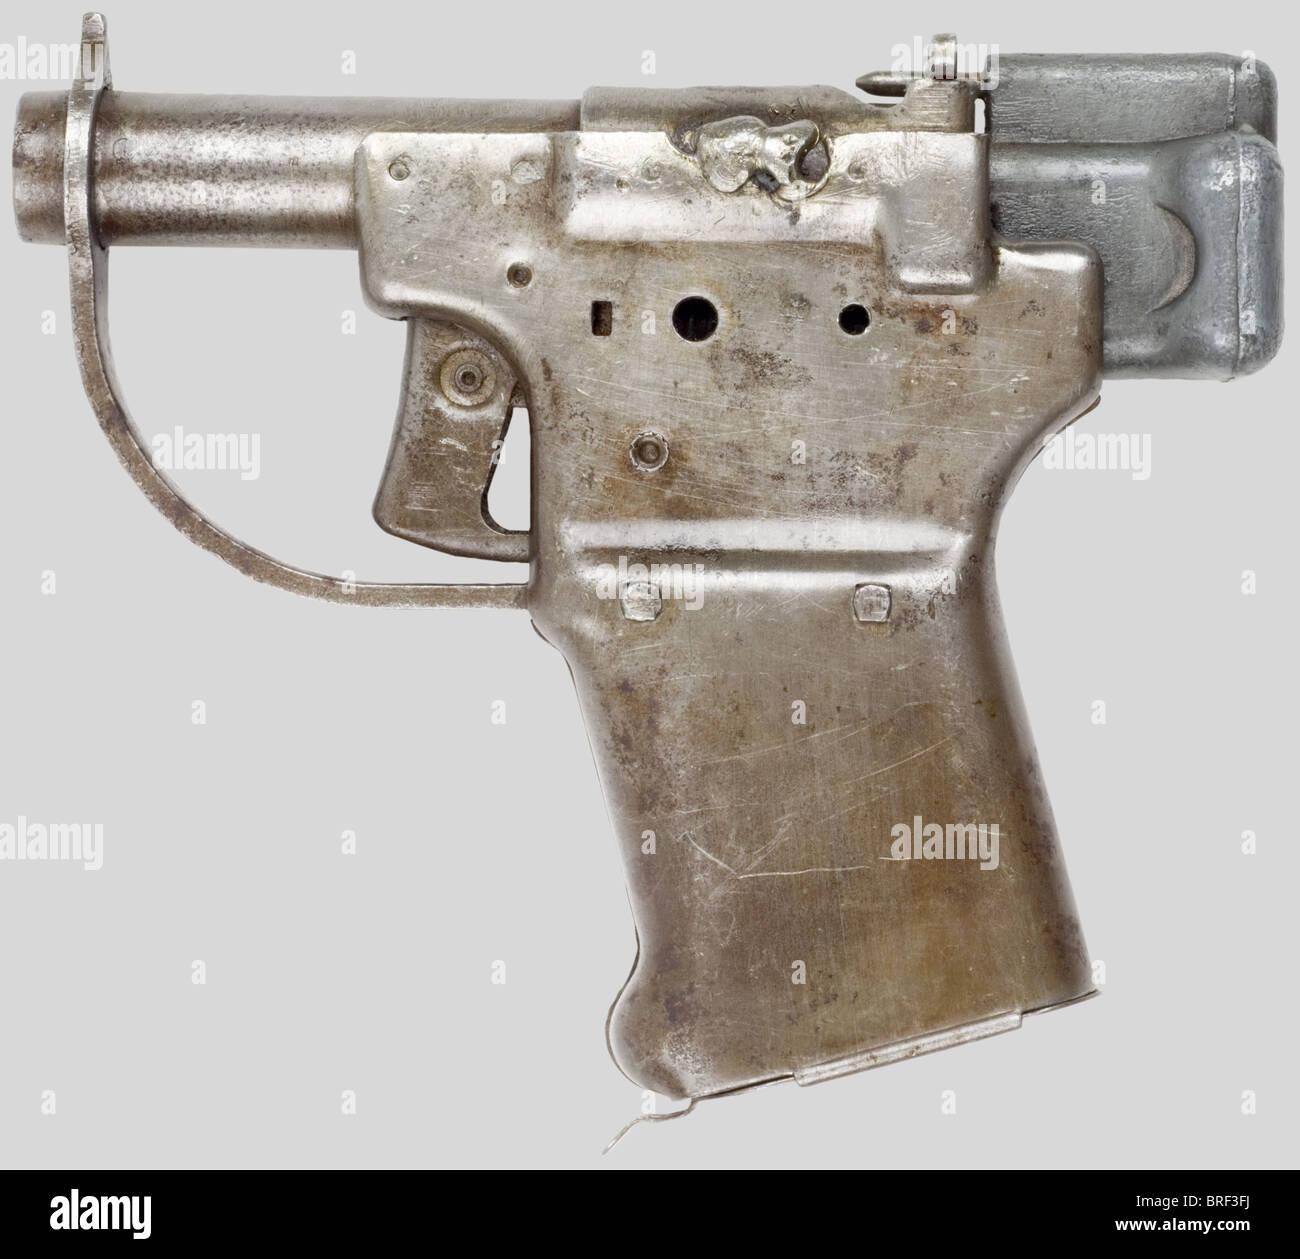 Tolle Porter Kabel Framing Pistole Ideen - Benutzerdefinierte ...